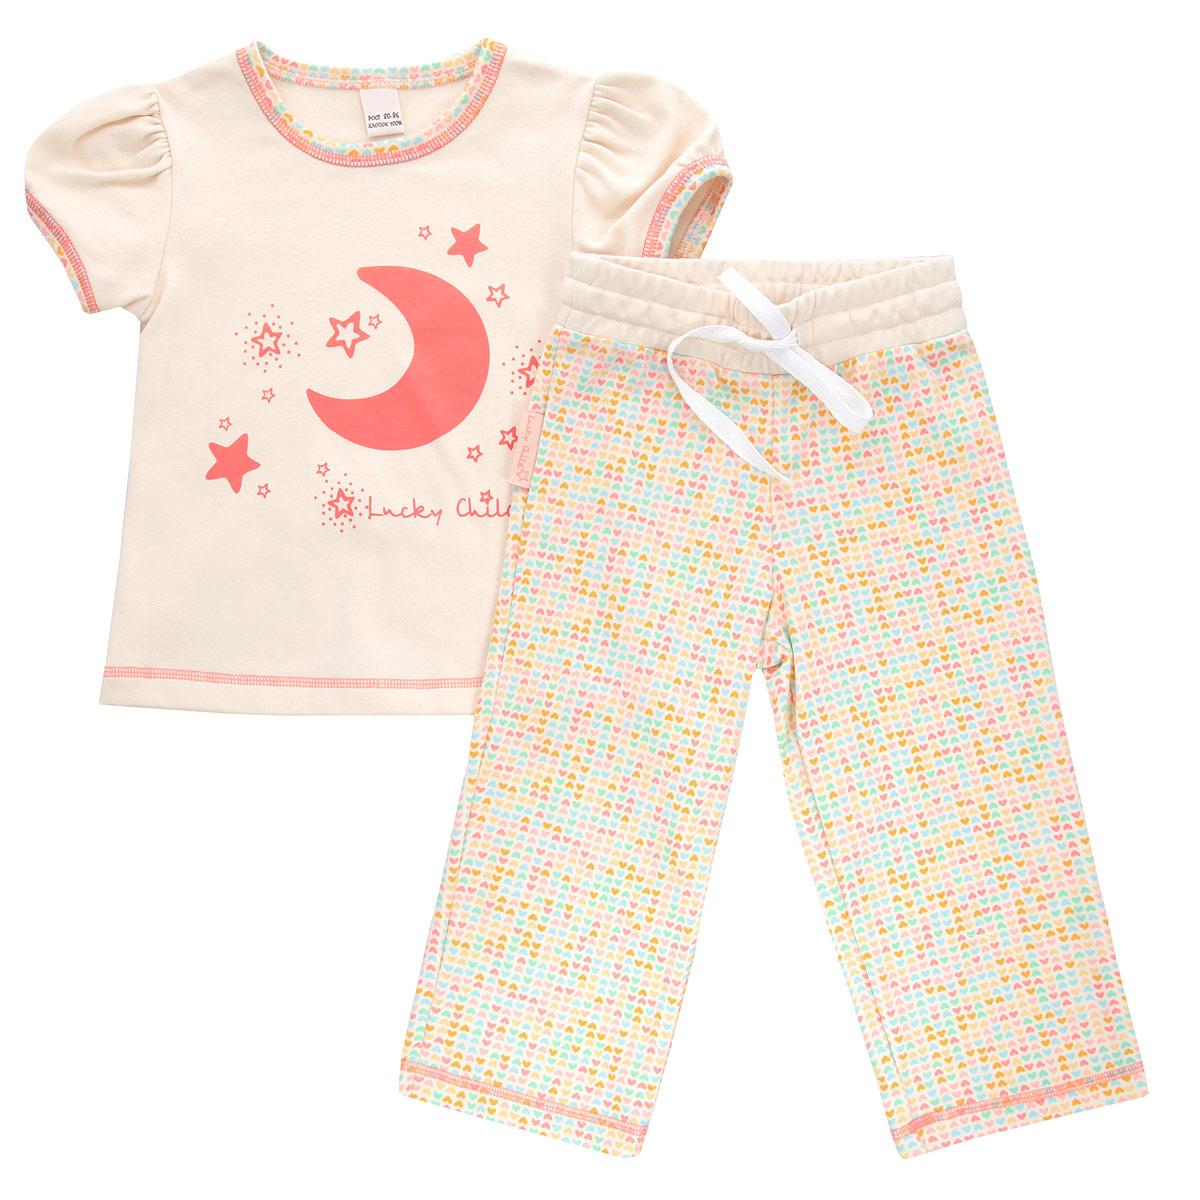 Пижама для девочки Lucky Child, цвет: кремовый, желтый, оранжевый. 12-402. Размер 98/10412-402Очаровательная пижама для девочки Lucky Child, состоящая из футболки и брюк, идеально подойдет вашей дочурке и станет отличным дополнением к детскому гардеробу. Изготовленная из натурального хлопка - интерлока, она необычайно мягкая и приятная на ощупь, не раздражает нежную кожу ребенка и хорошо вентилируется, а эластичные швы приятны телу и не препятствуют его движениям.Футболка трапециевидного кроя с короткими рукавами-фонариками и круглым вырезом горловины оформлена спереди оригинальной термоаппликацией в виде месяца, а также изображением звездочек и названием бренда. Горловина и рукава оформлены принтом с мелким изображением сердечек. Низ изделия оформлен контрастной фигурной прострочкой. Брюки прямого кроя на талии имеют широкий эластичный пояс со шнурком, благодаря чему они не сдавливают животик ребенка и не сползают. Оформлены брюки принтом с мелким изображением сердечек по всей поверхности. Низ брючин оформлен контрастной фигурной прострочкой. Такая пижама идеально подойдет вашей дочурке, а мягкие полотна позволят ей комфортно чувствовать себя во время сна!